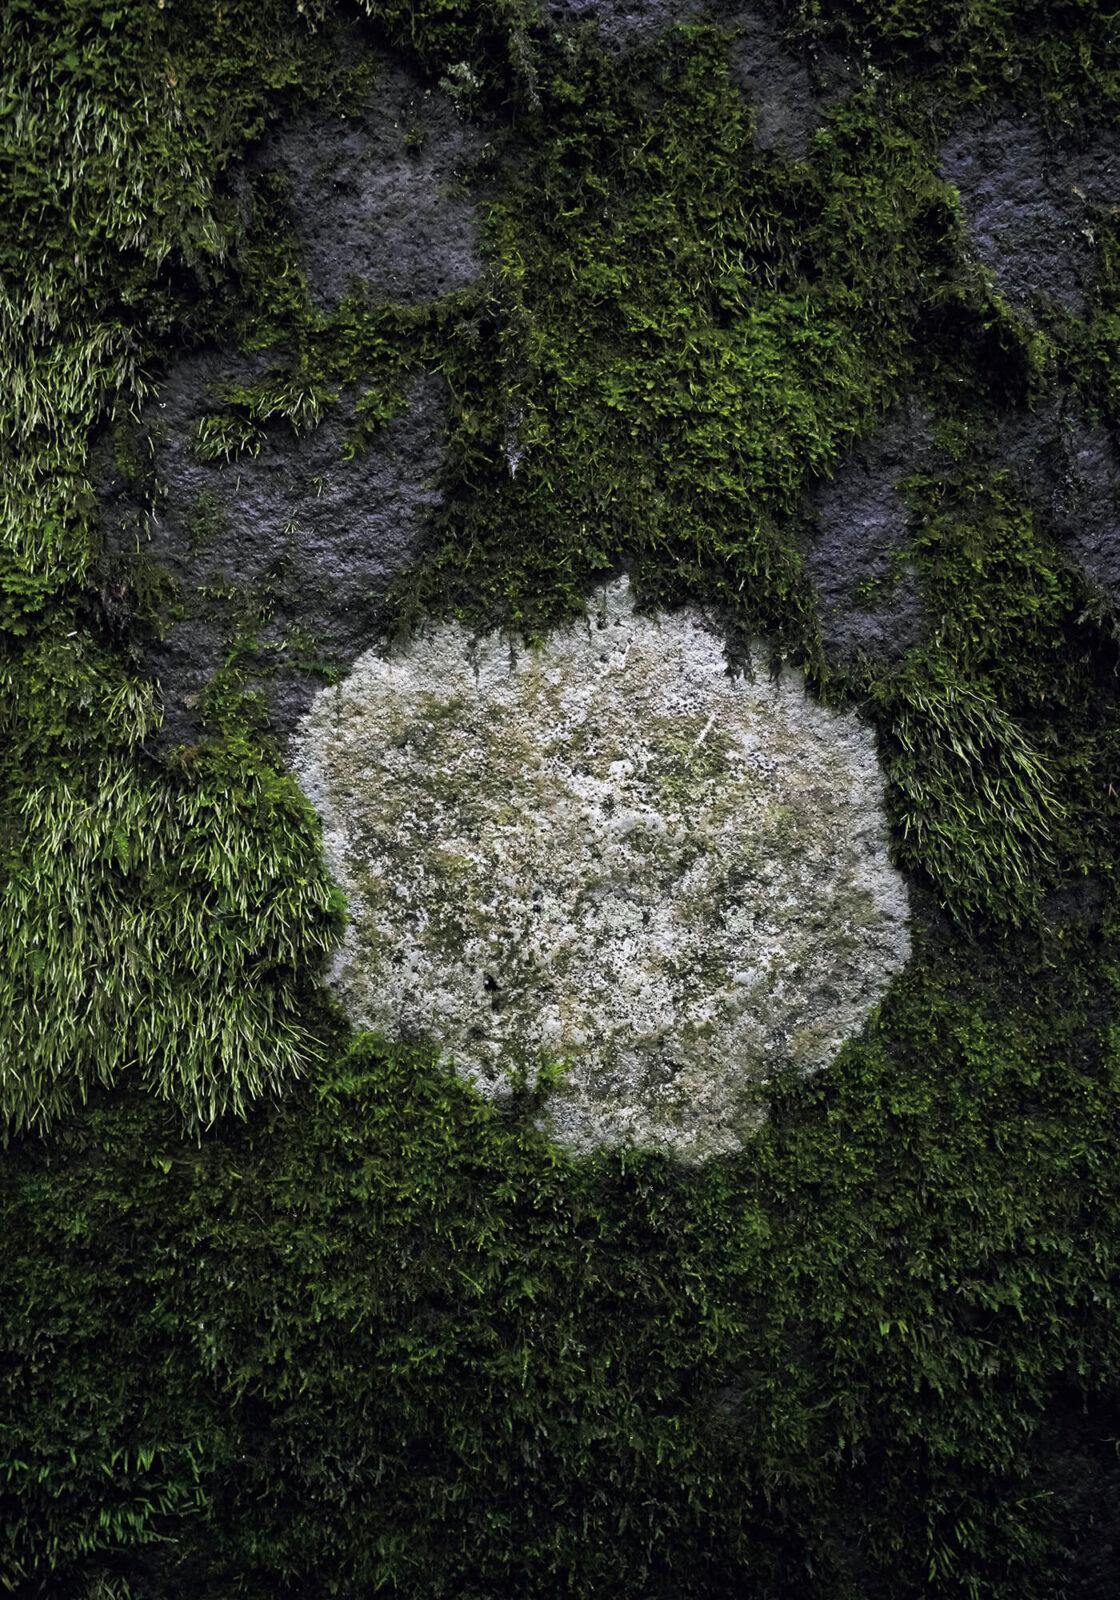 苔の絨毯の上に1ヵ所だけ、直径15㎝ほどのぽっかりとした隙間を発見。実はこの部分にだけ地衣類が自生しており、苔との熾烈な領地争いを繰り広げているという。